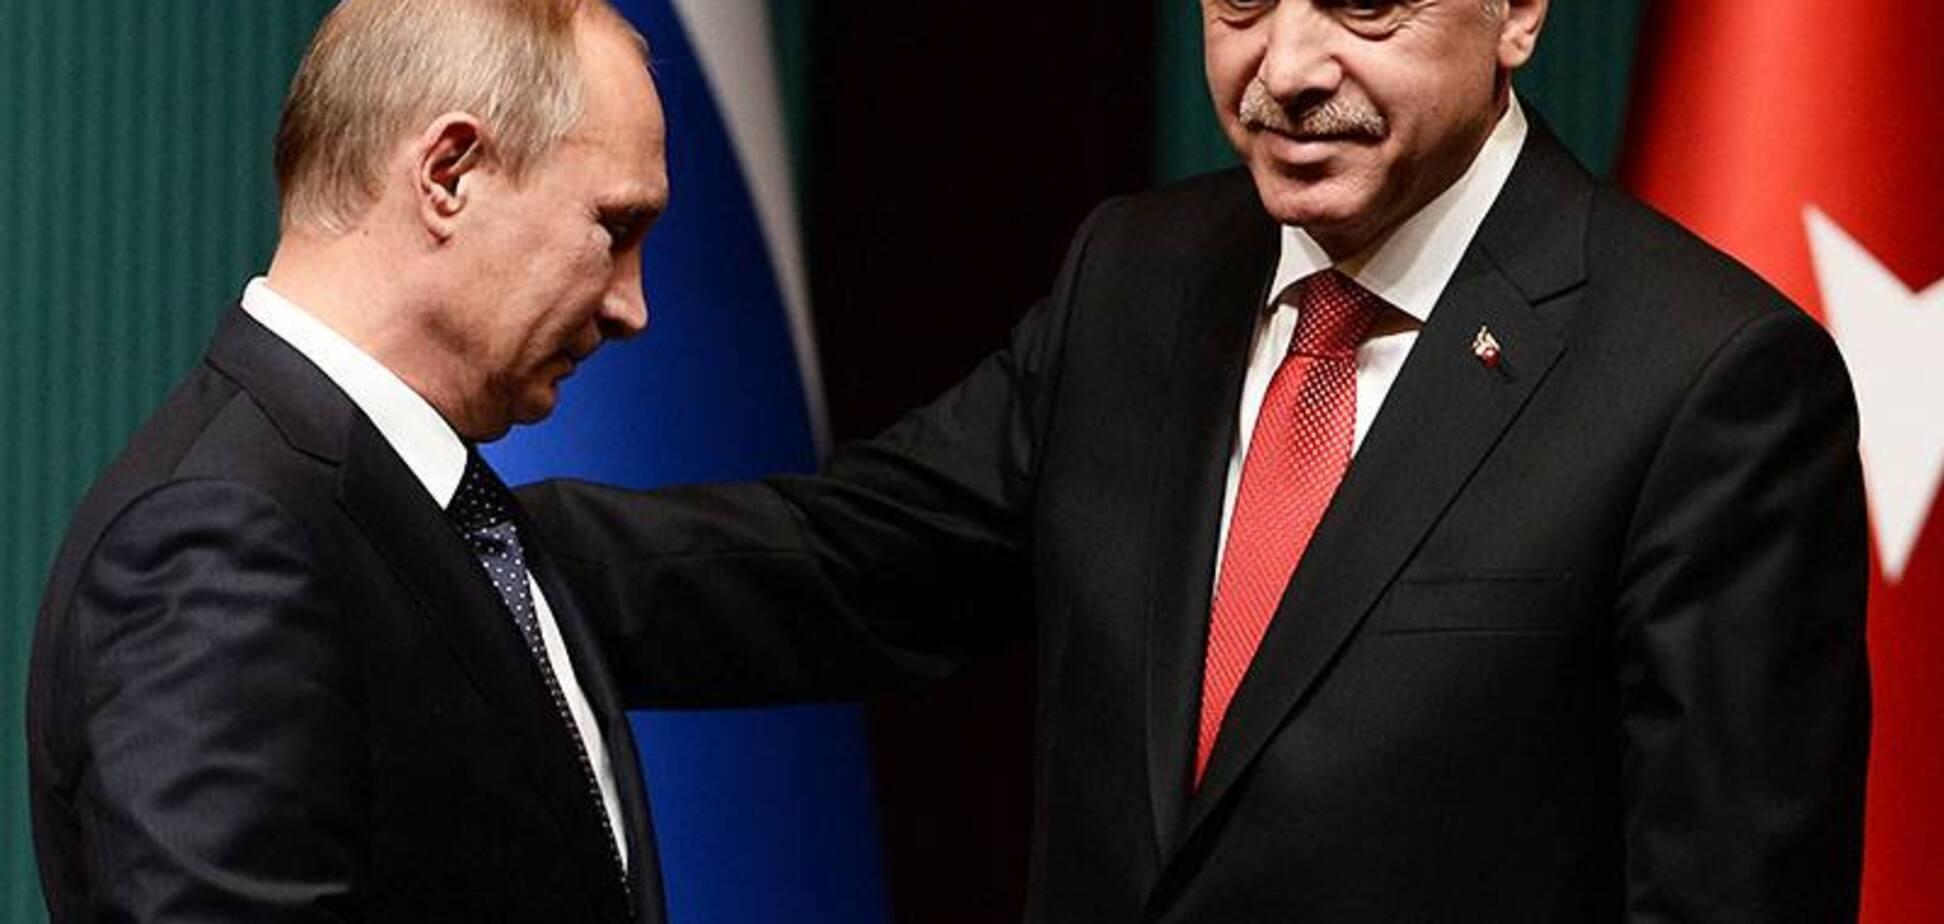 Ще один ніж у спину Путіну